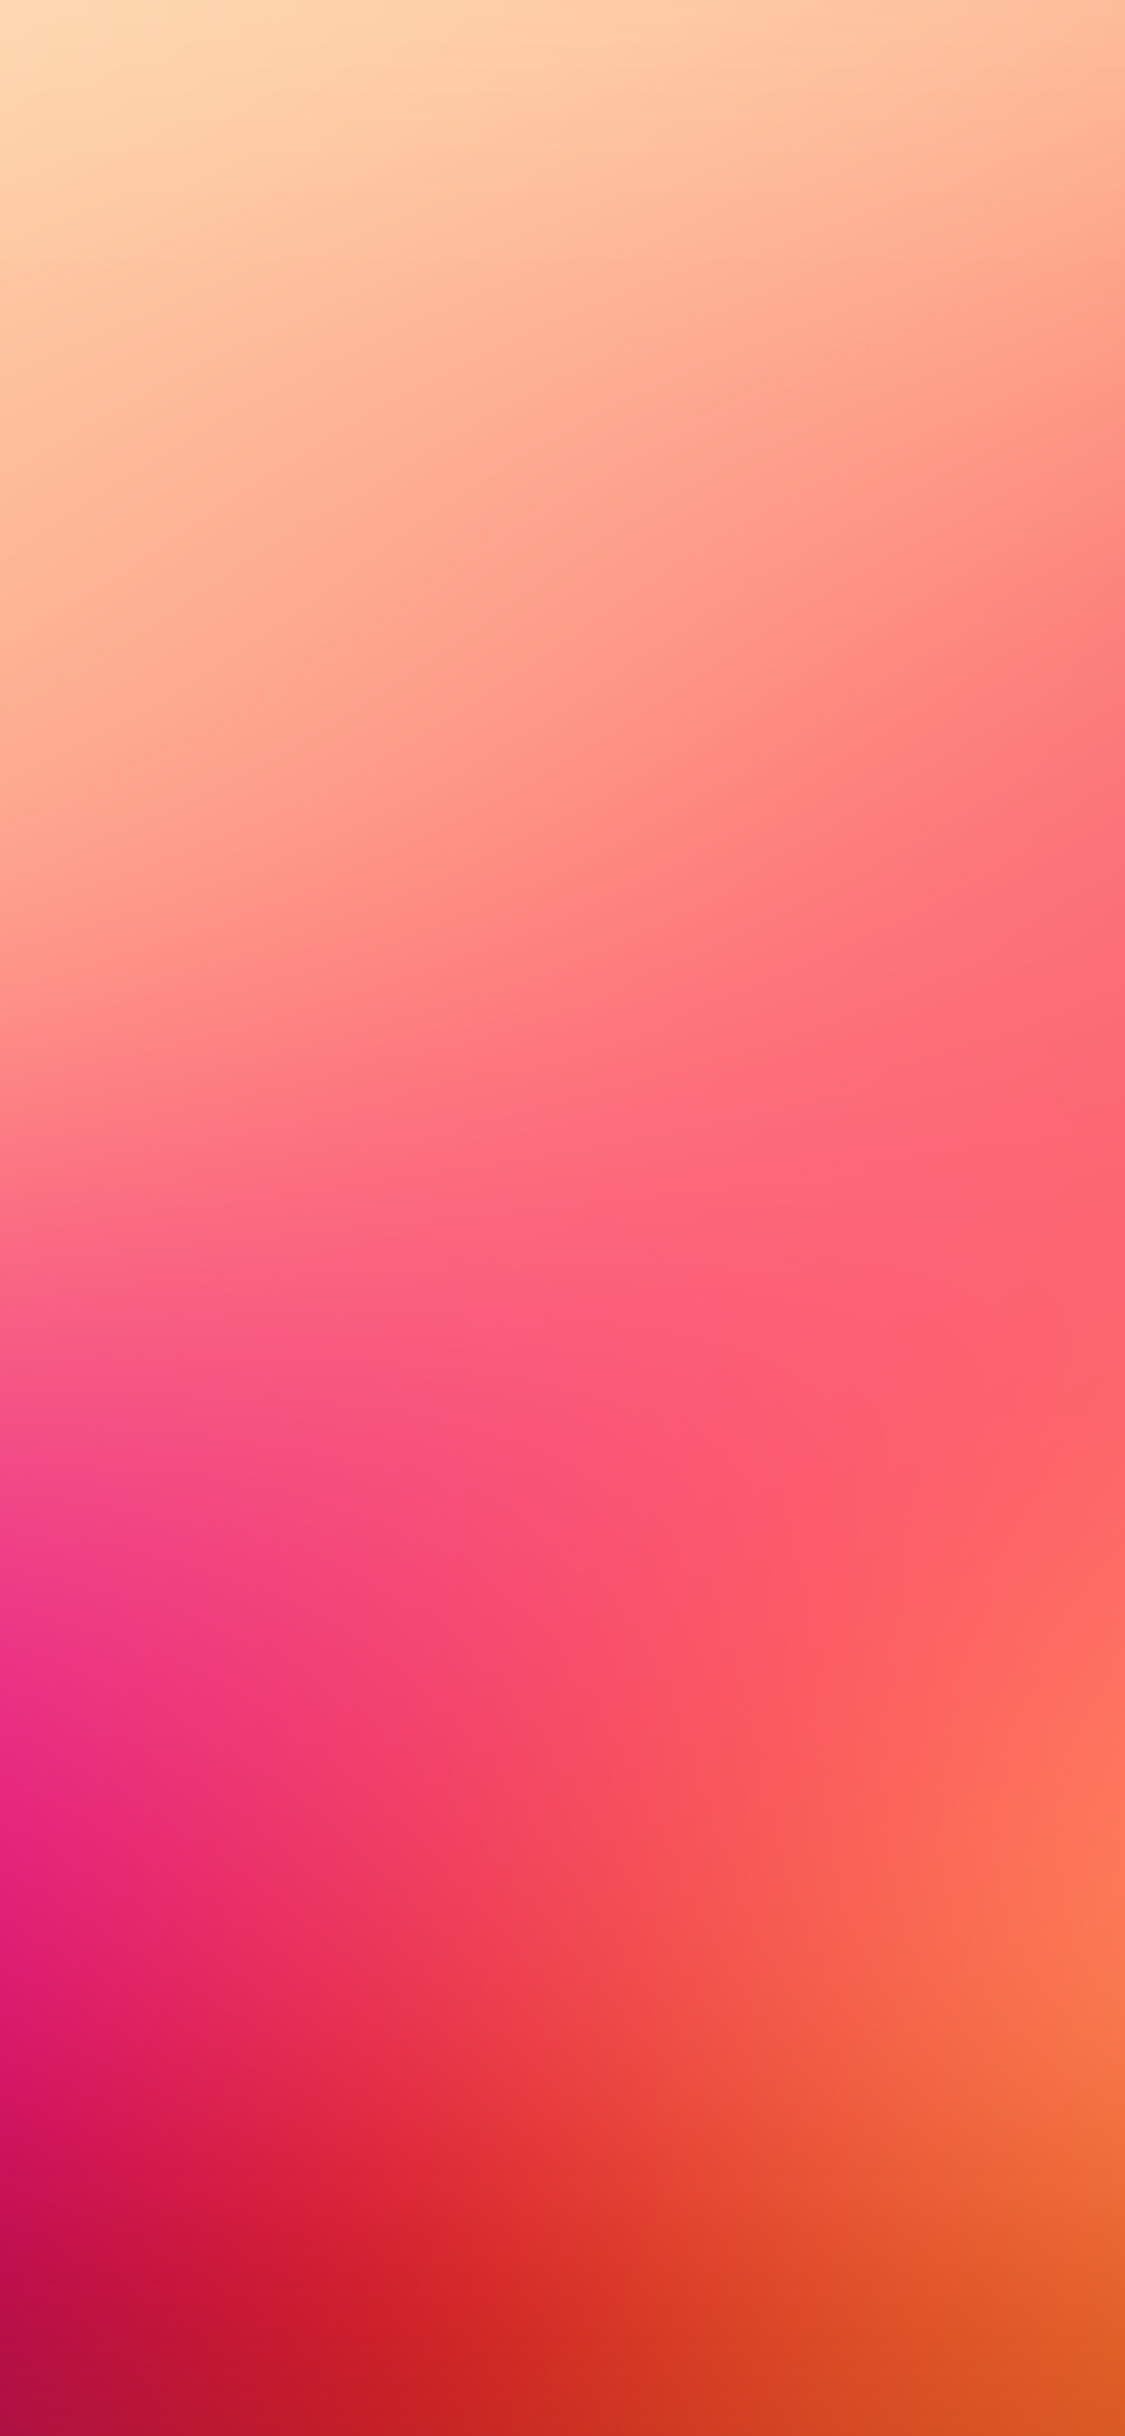 Iphonepaperscom Iphone 8 Wallpaper Si82 Ipad Glow Red Orange